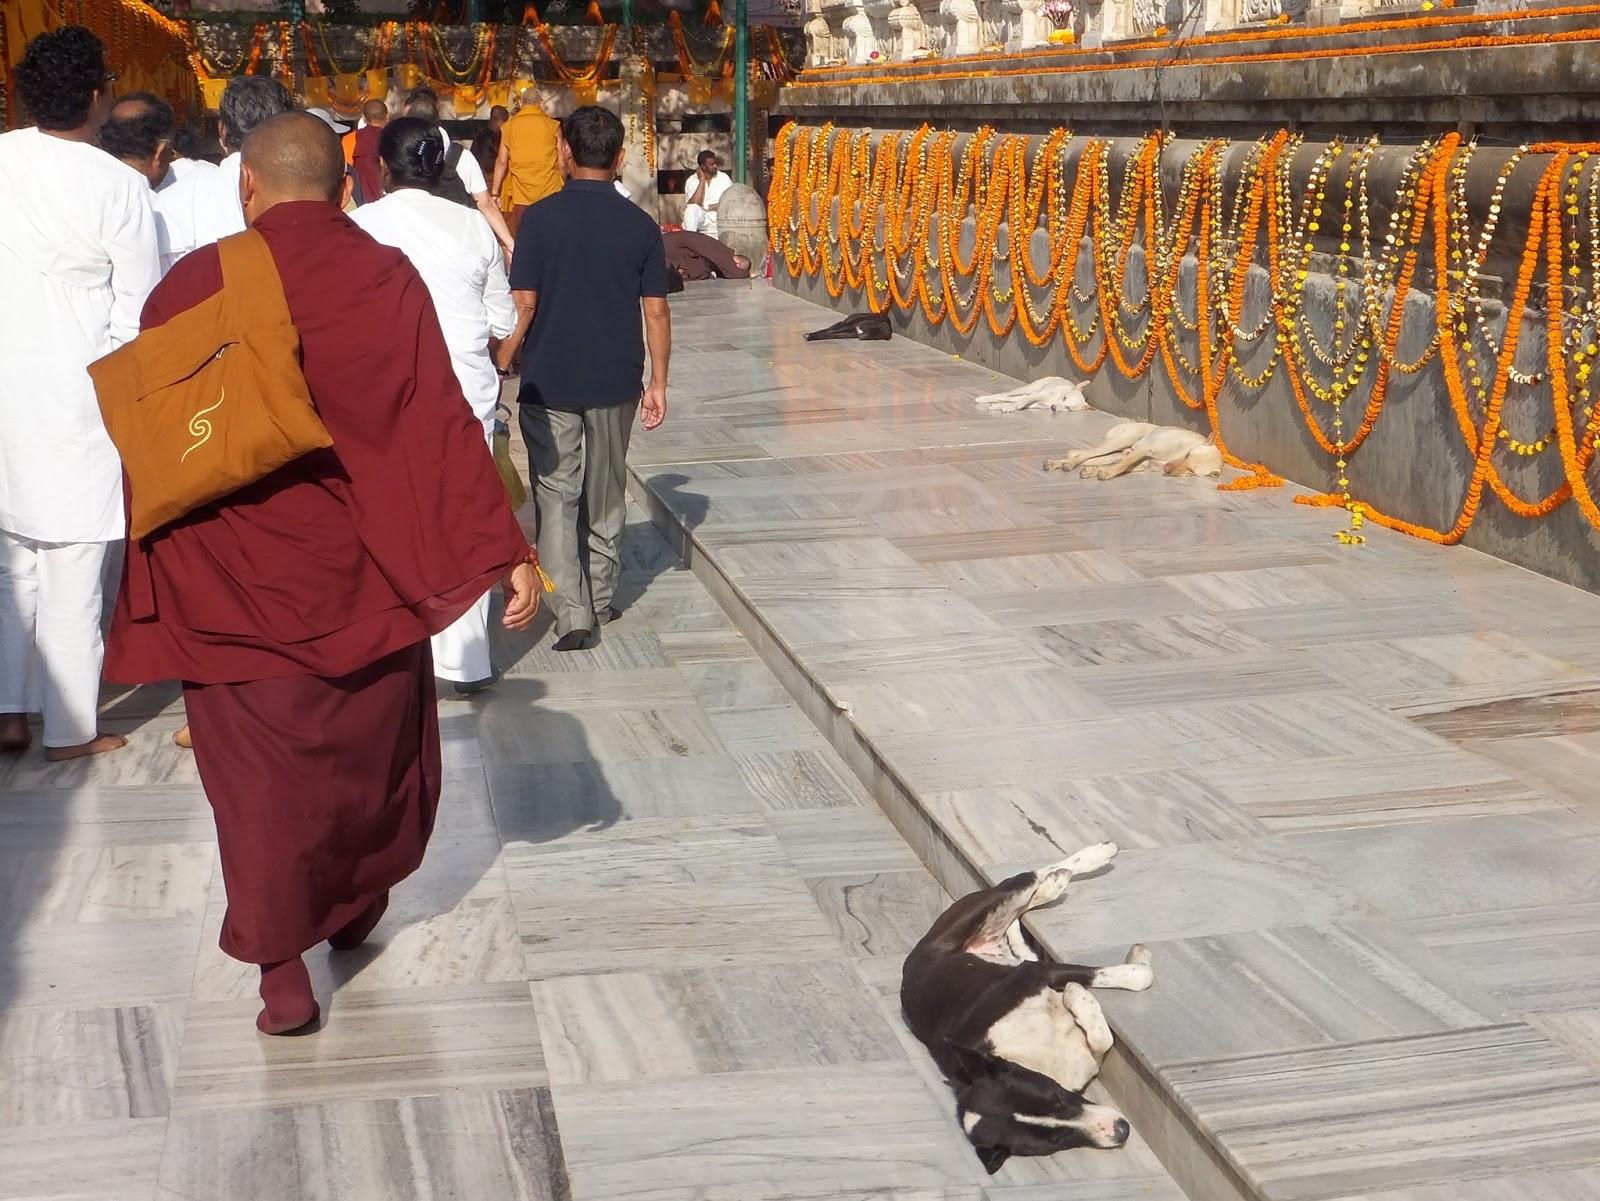 монахи и паломники делают кору вокруг храма